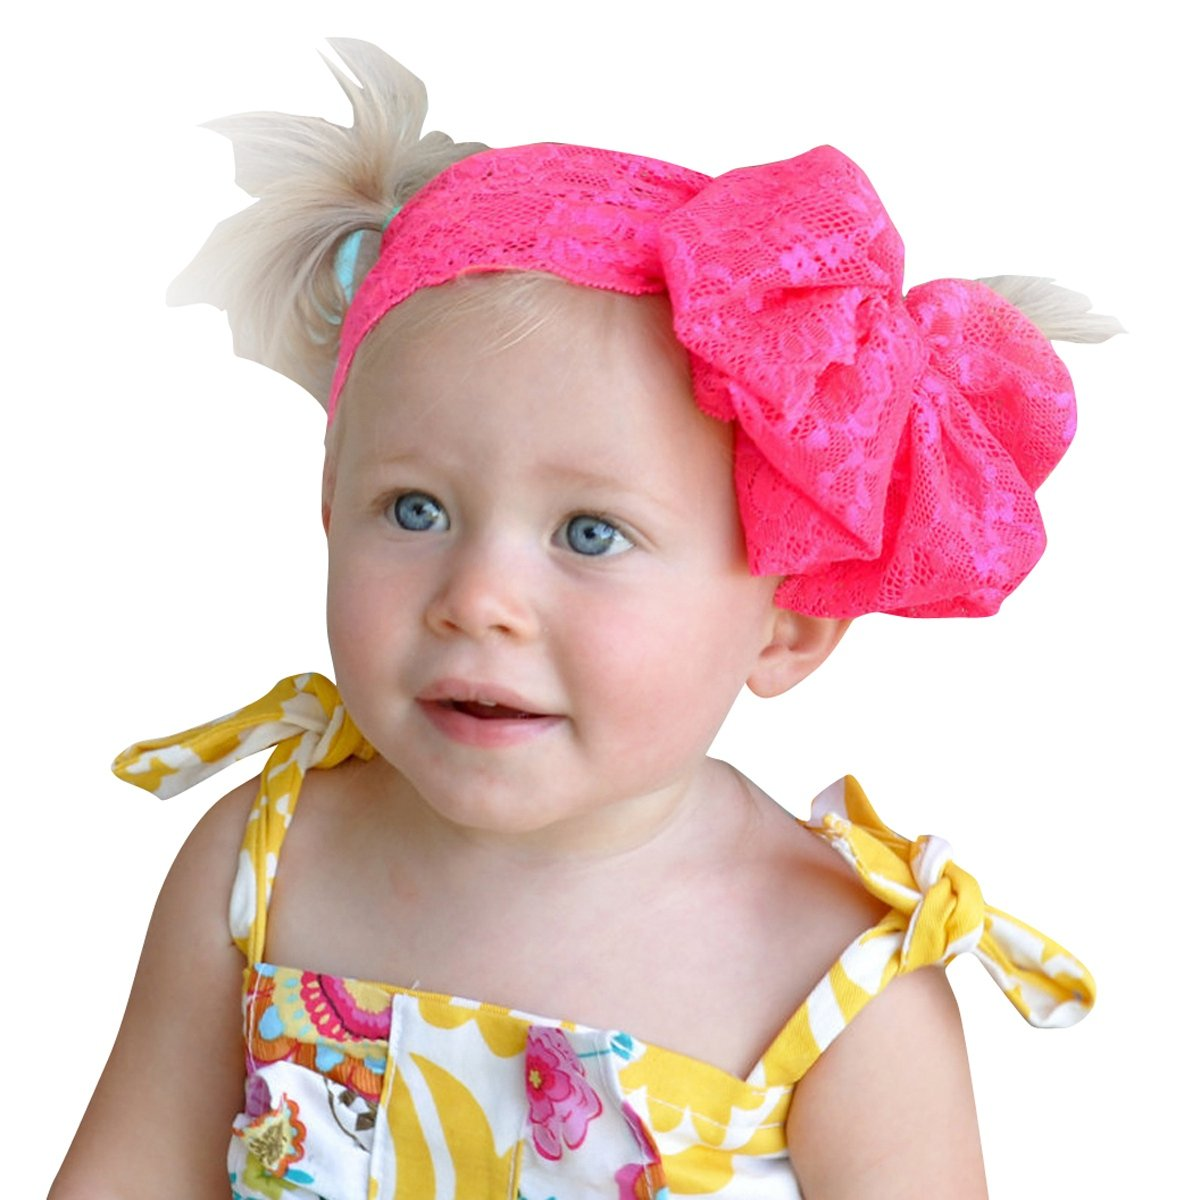 Happy Cherry - Bandeau Cheveux Bébé Enfants Filles – Bandeau Nœud Pappion Large en Dentelle - Accesoire de Coiffure Bébé Filles – Serré-Tête Bébé – 7 Couleurs